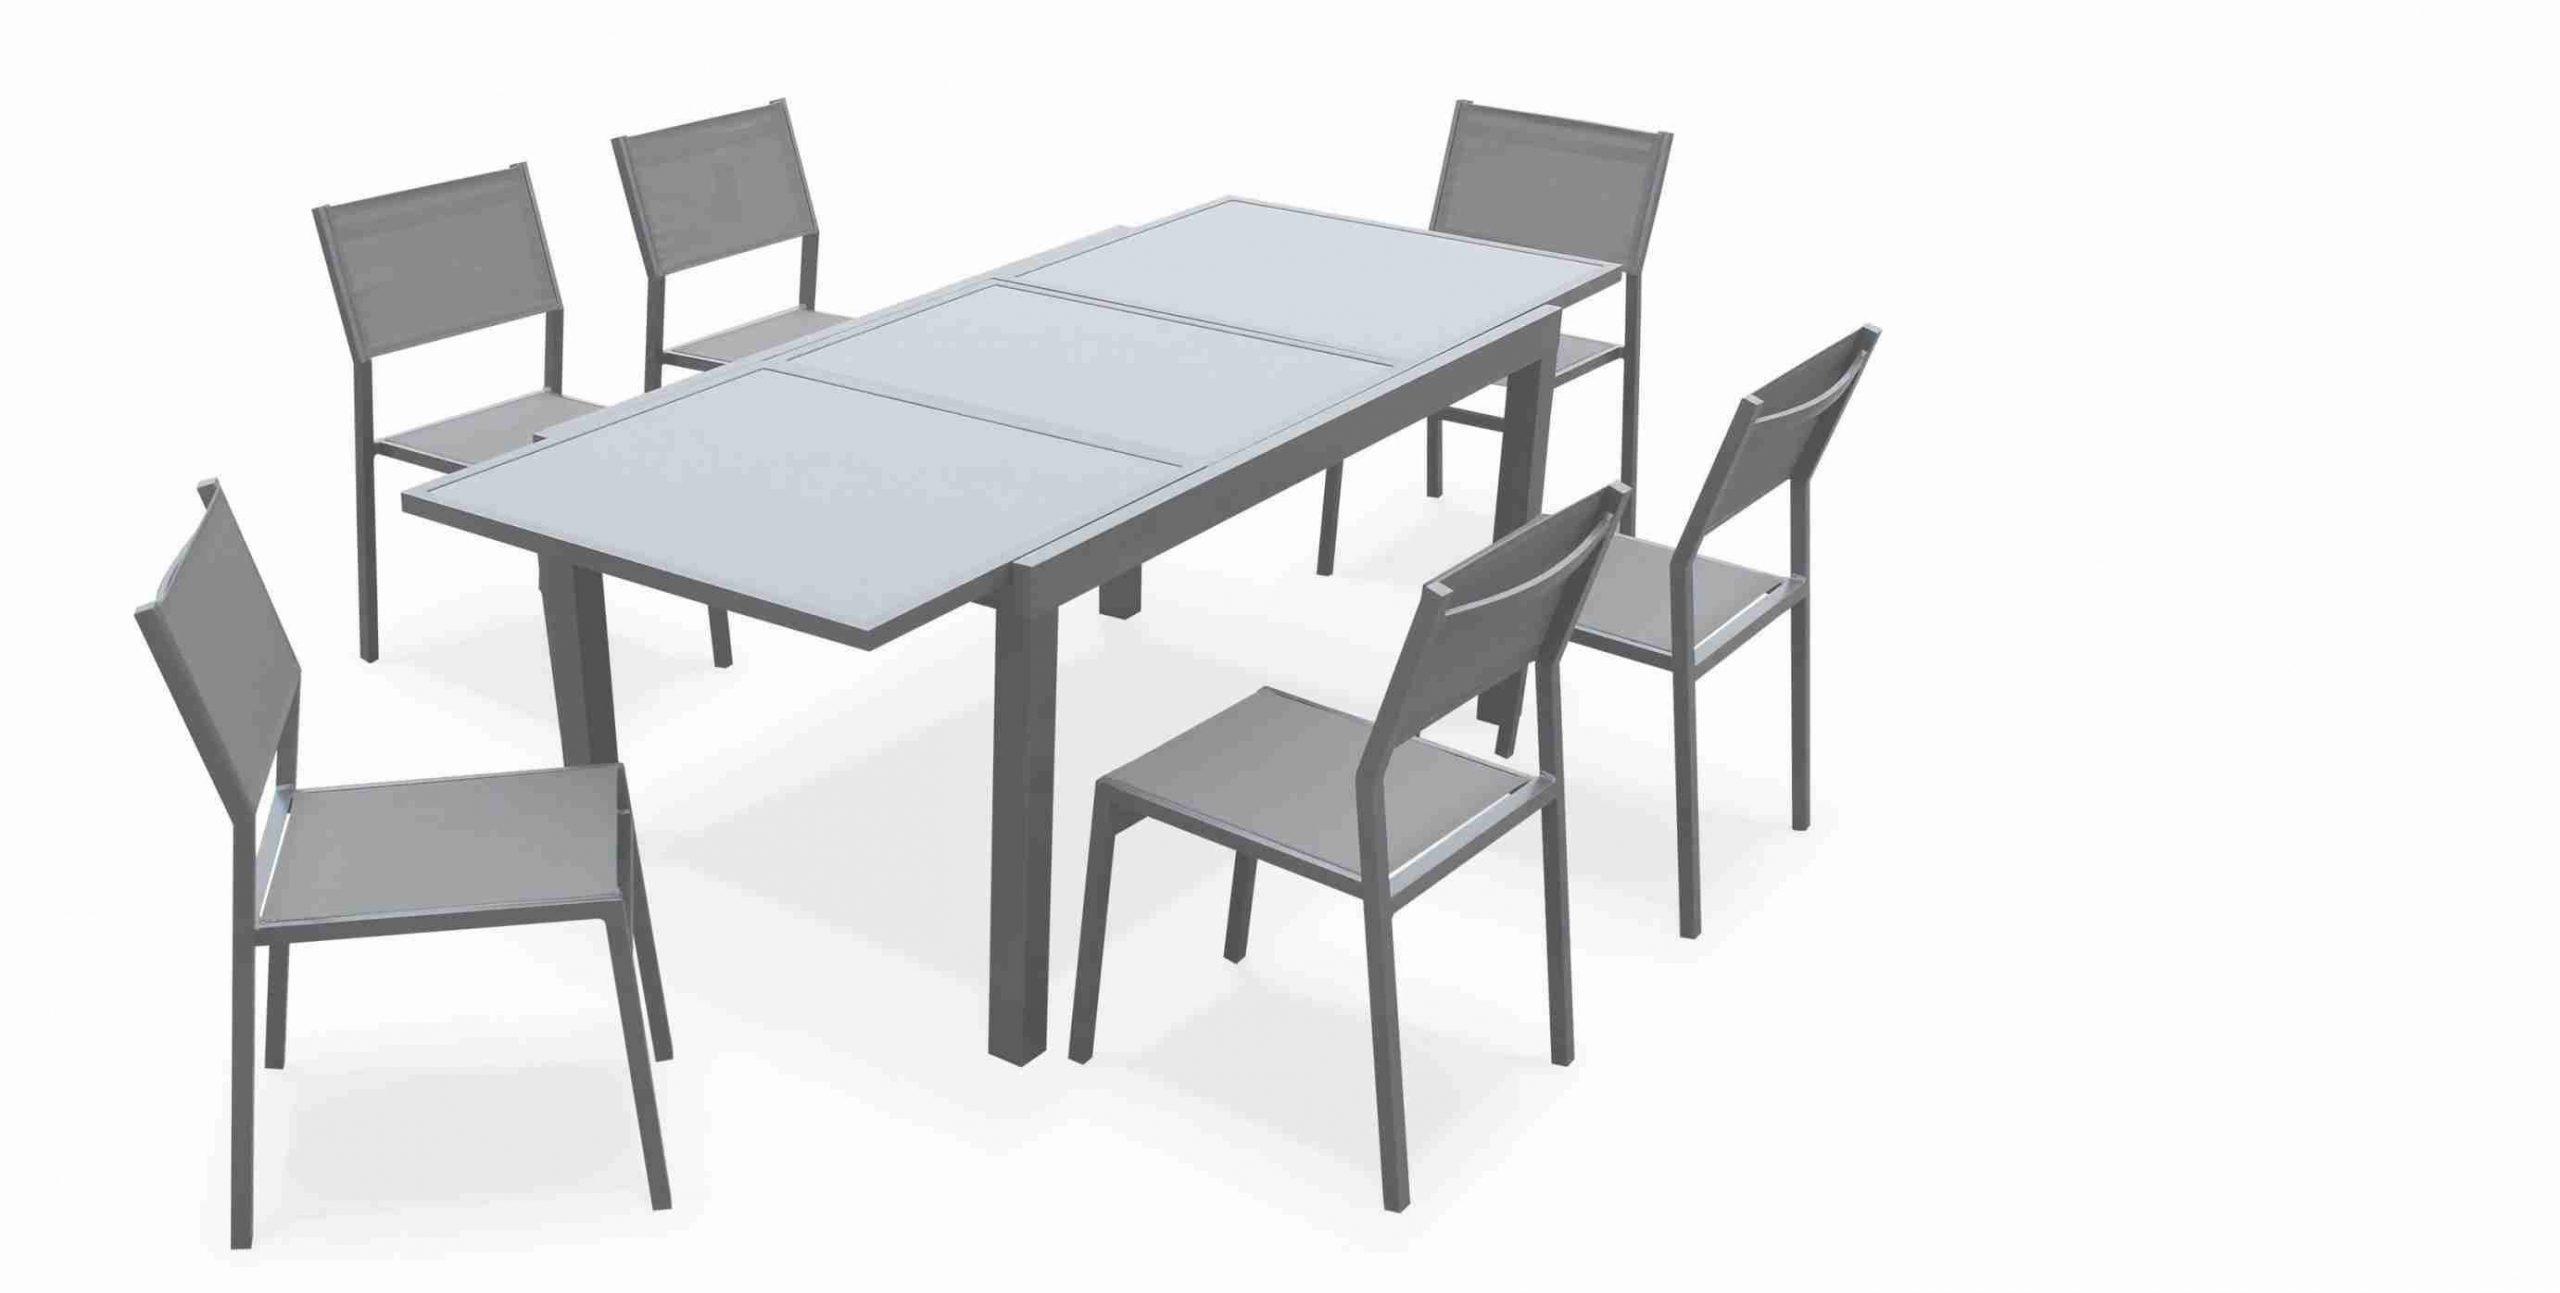 39 Cher Table De Jardin Avec Chaise Pas Cher Di 2020 concernant Table De Jardin Hyper U